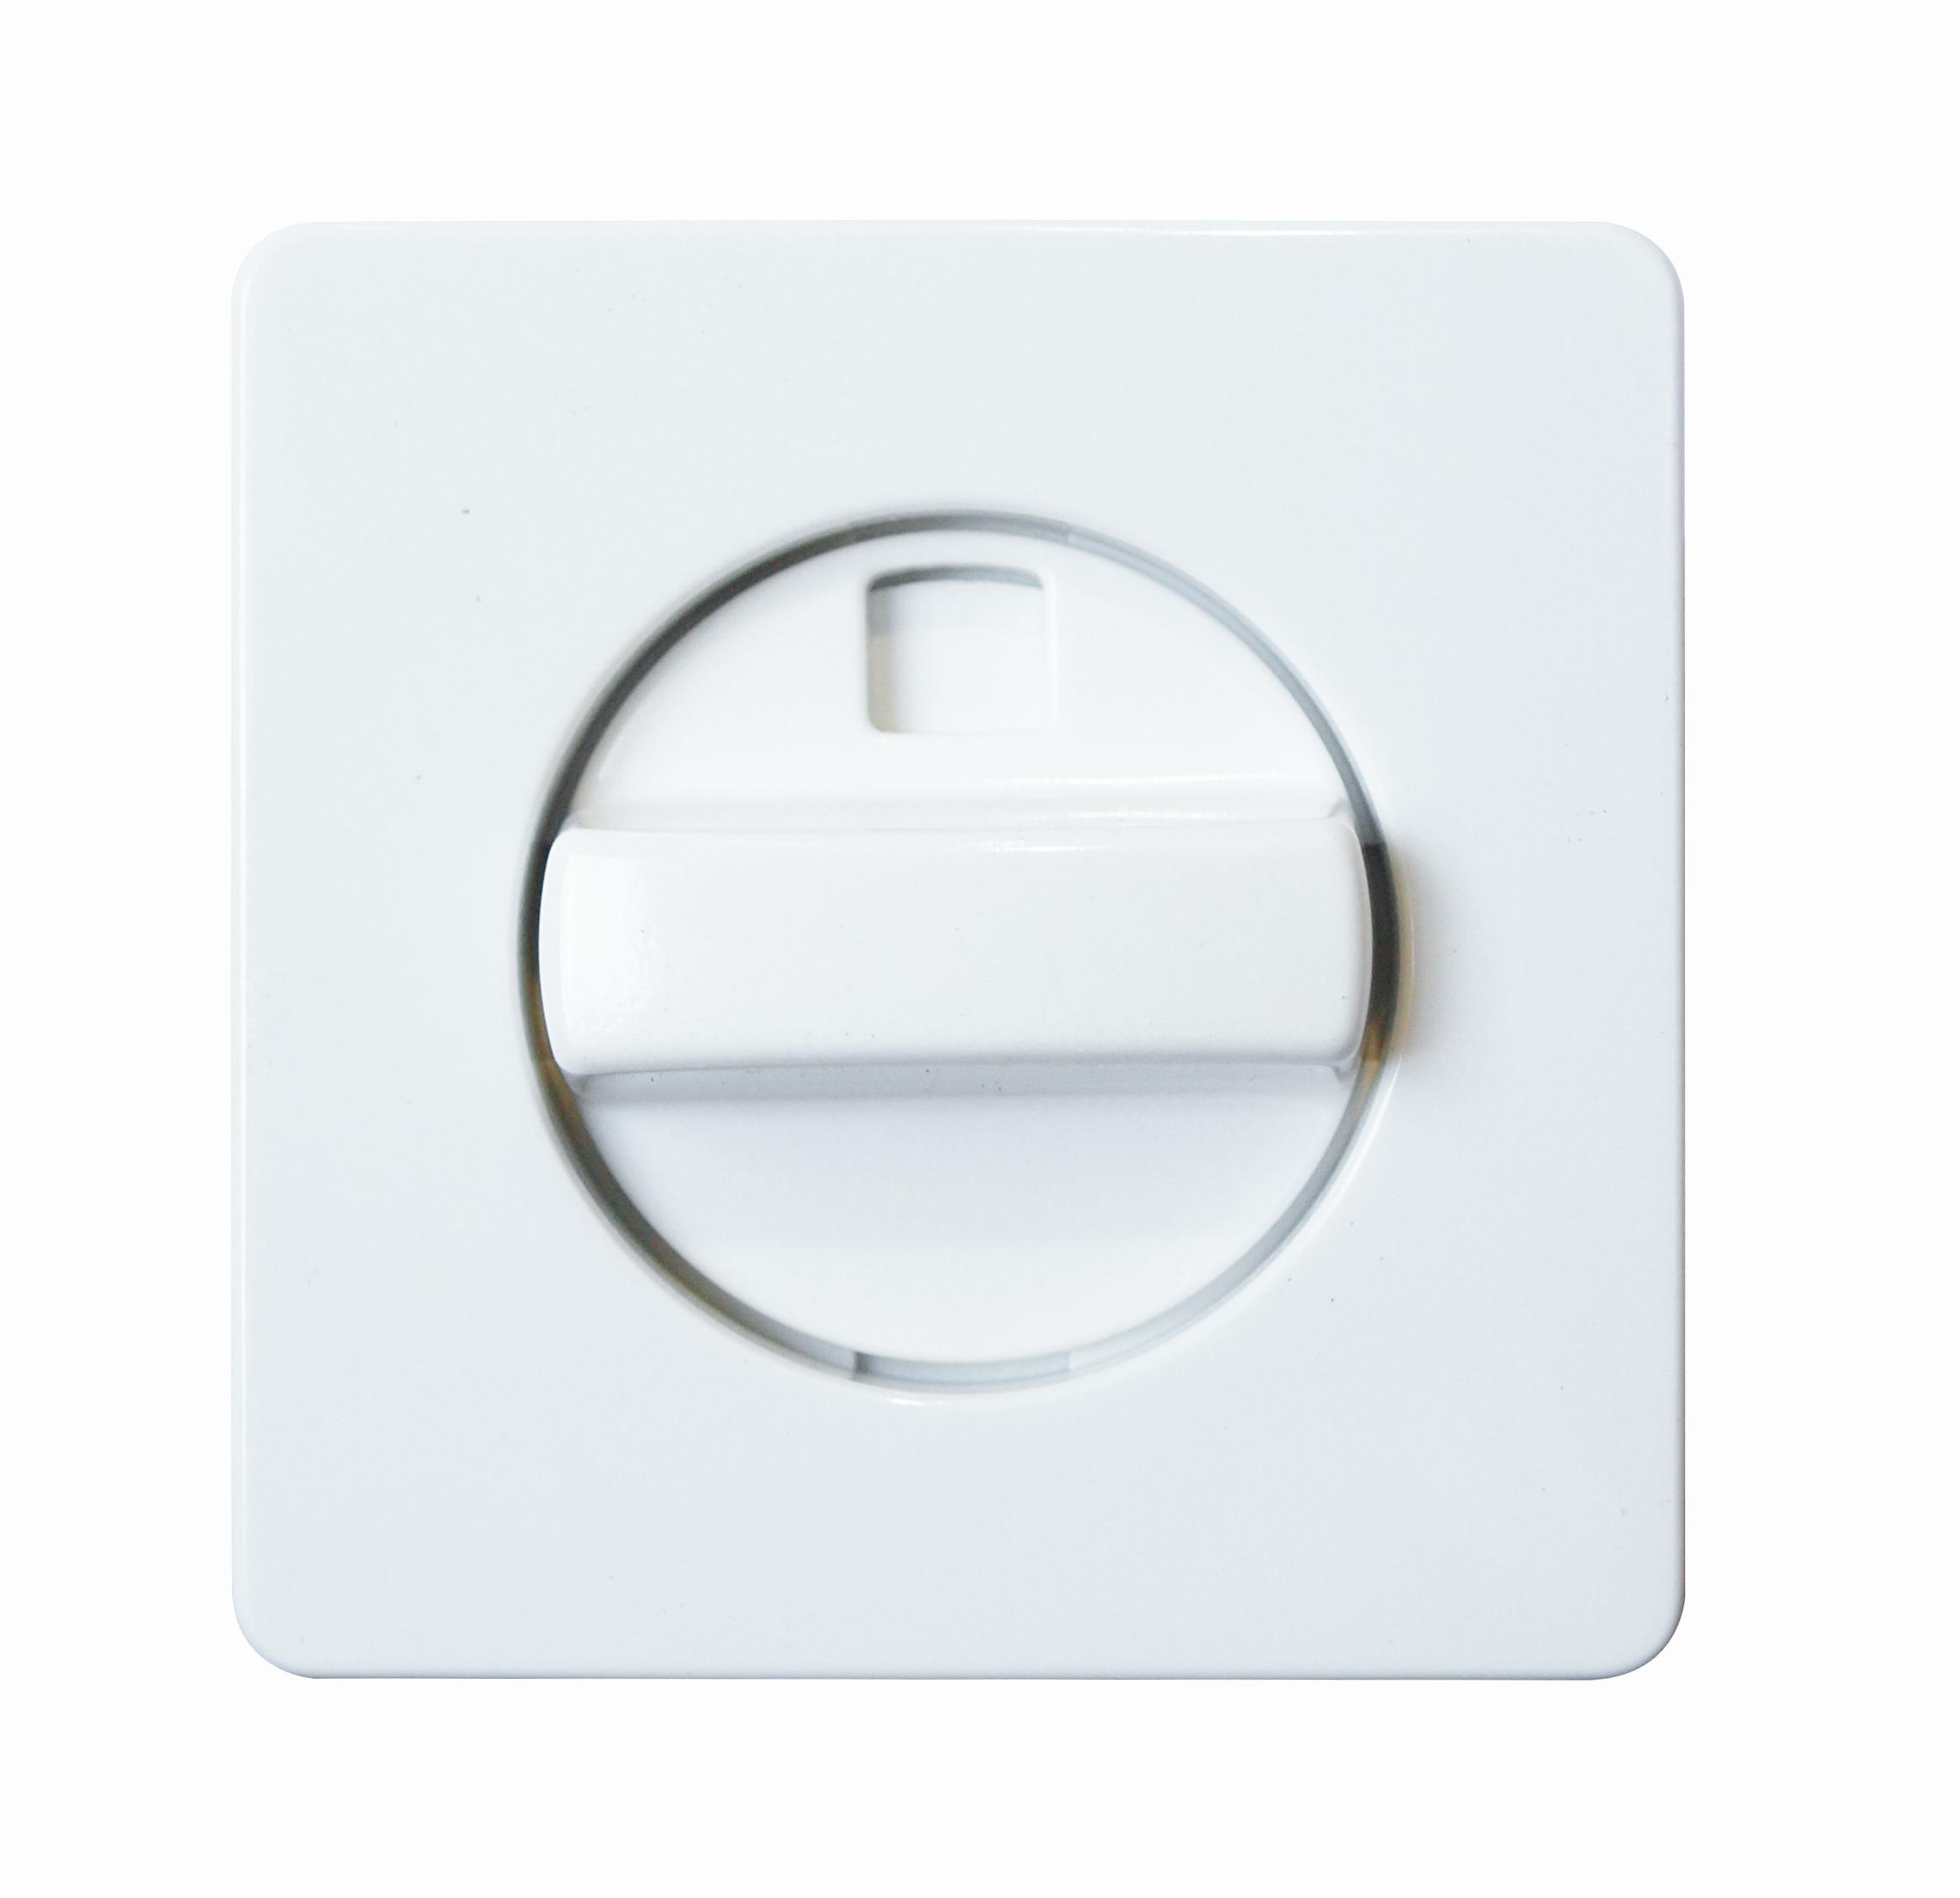 1 Stk Zentralplatte für Jalousie- Drehschalter reinweiß EL223044--